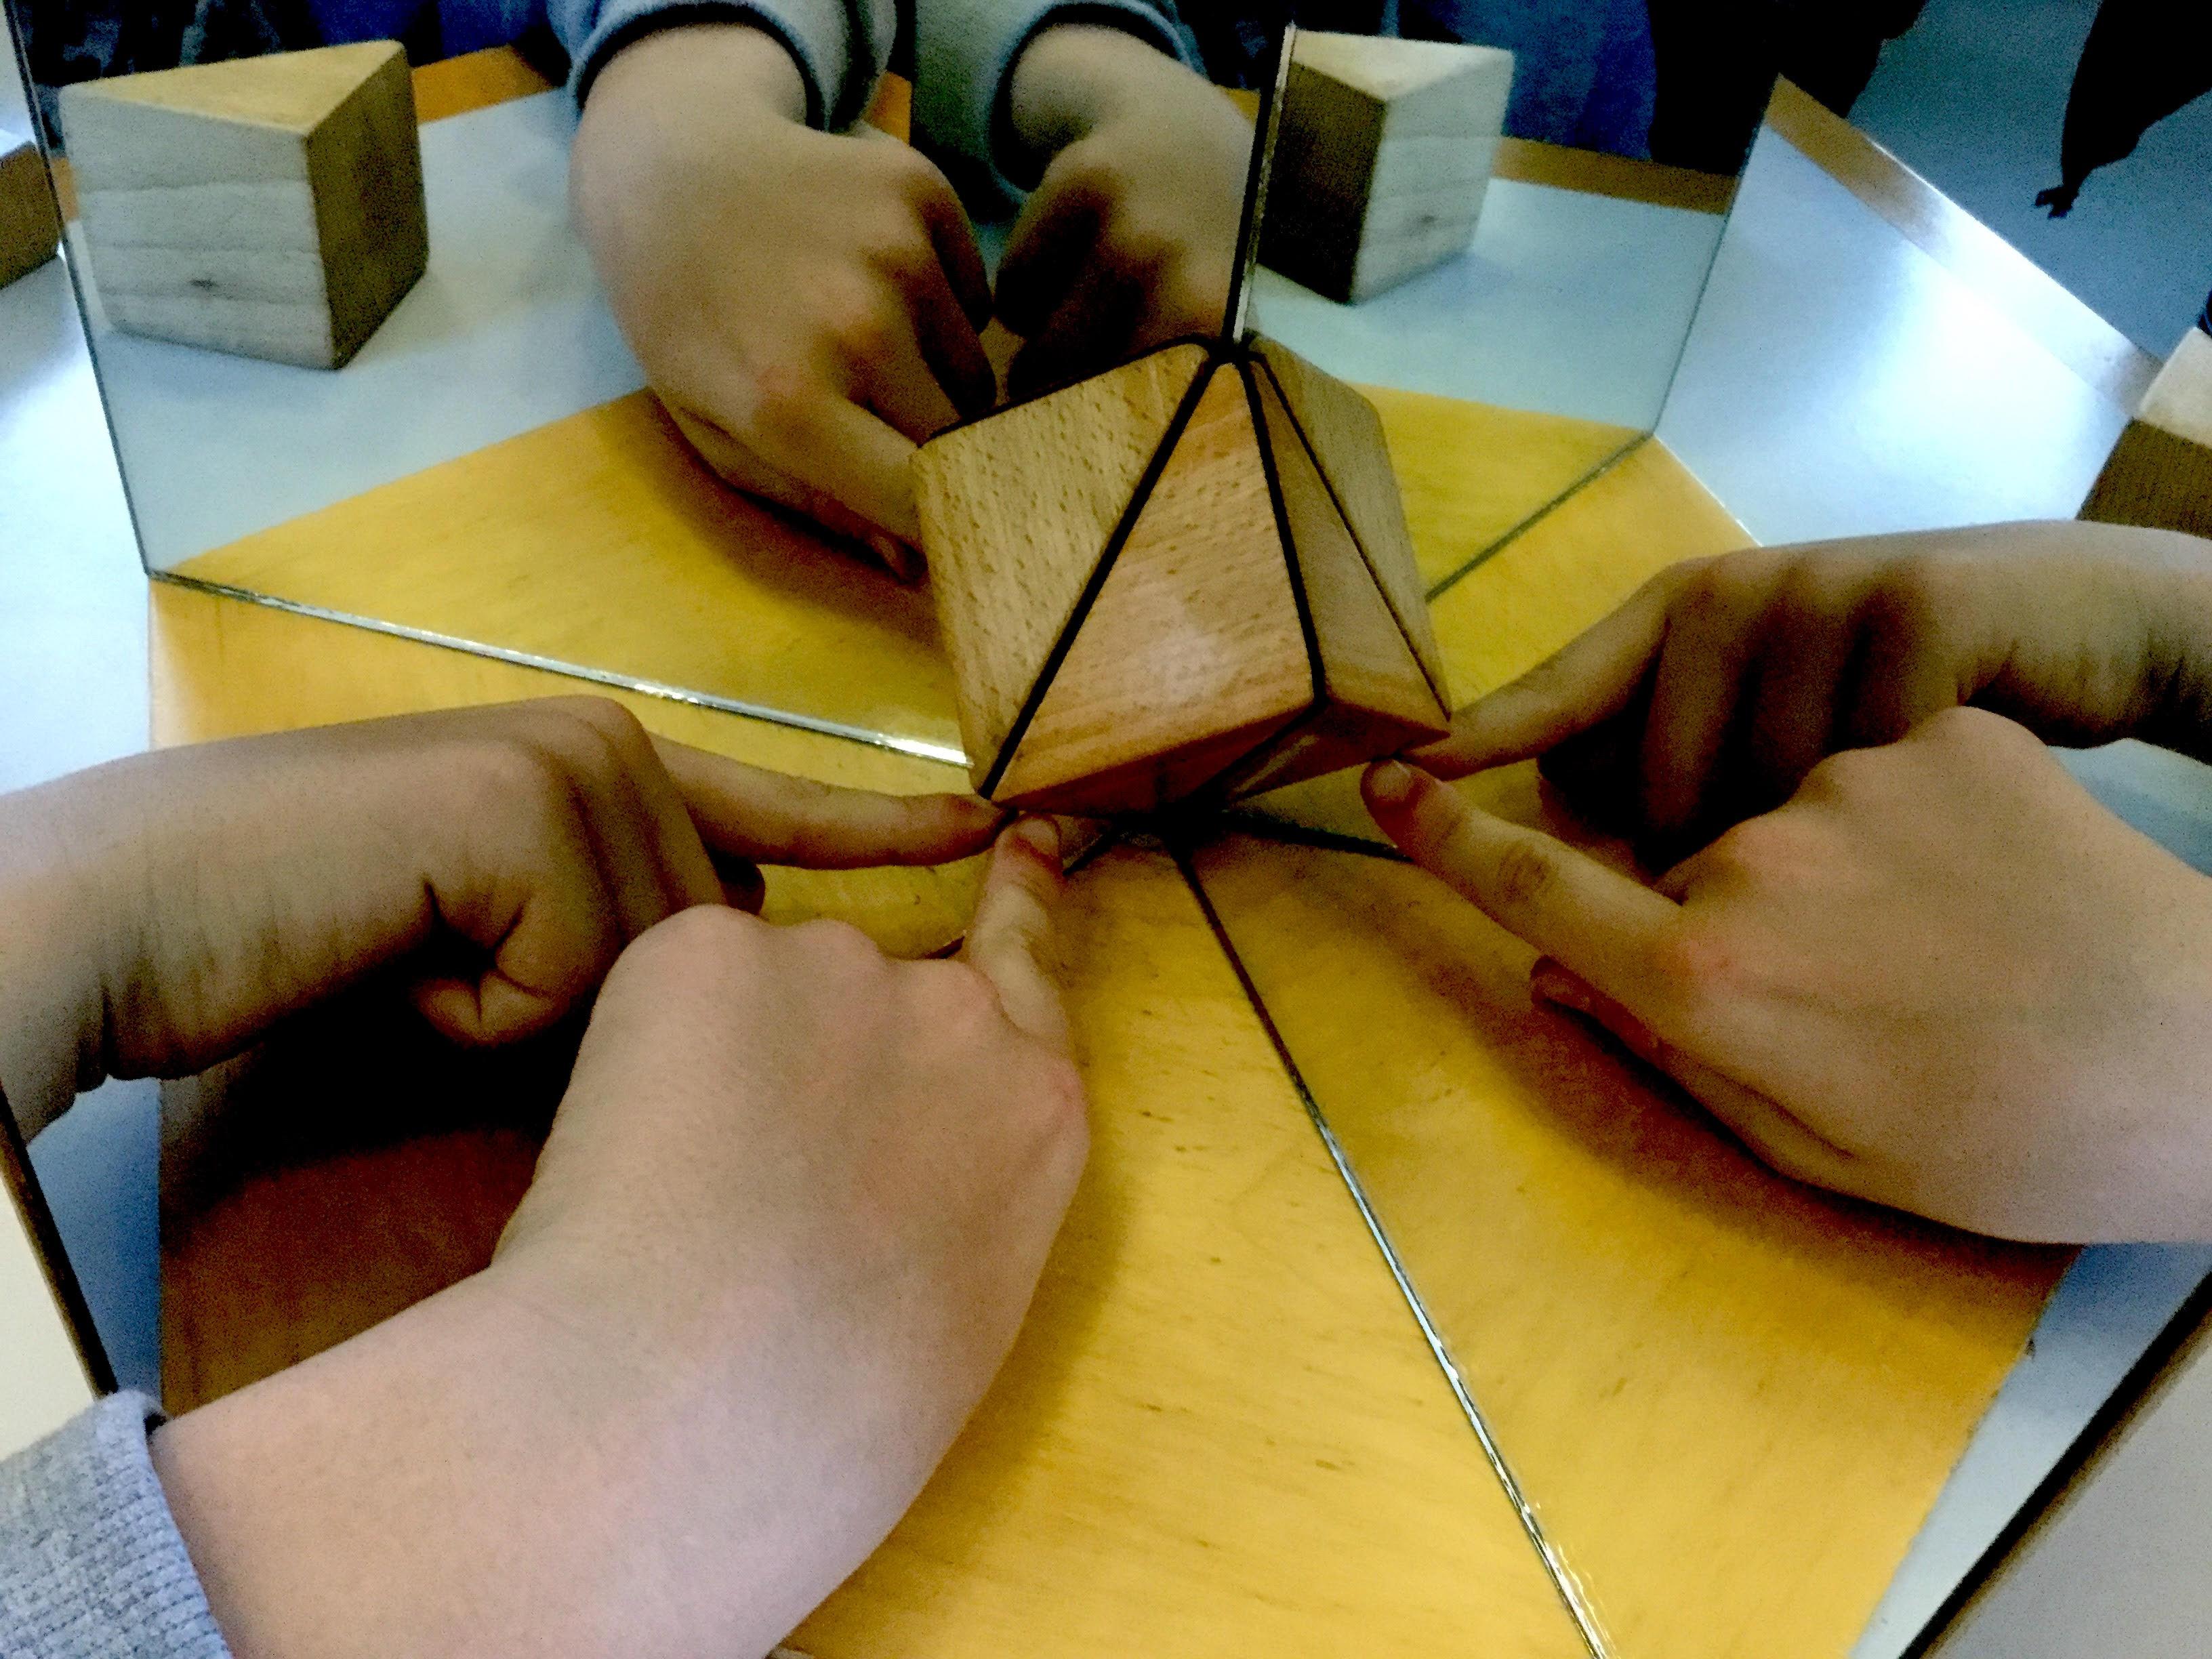 La simmetria del cubo scoperta attraverso l'uso di un caleidoscopio 3d